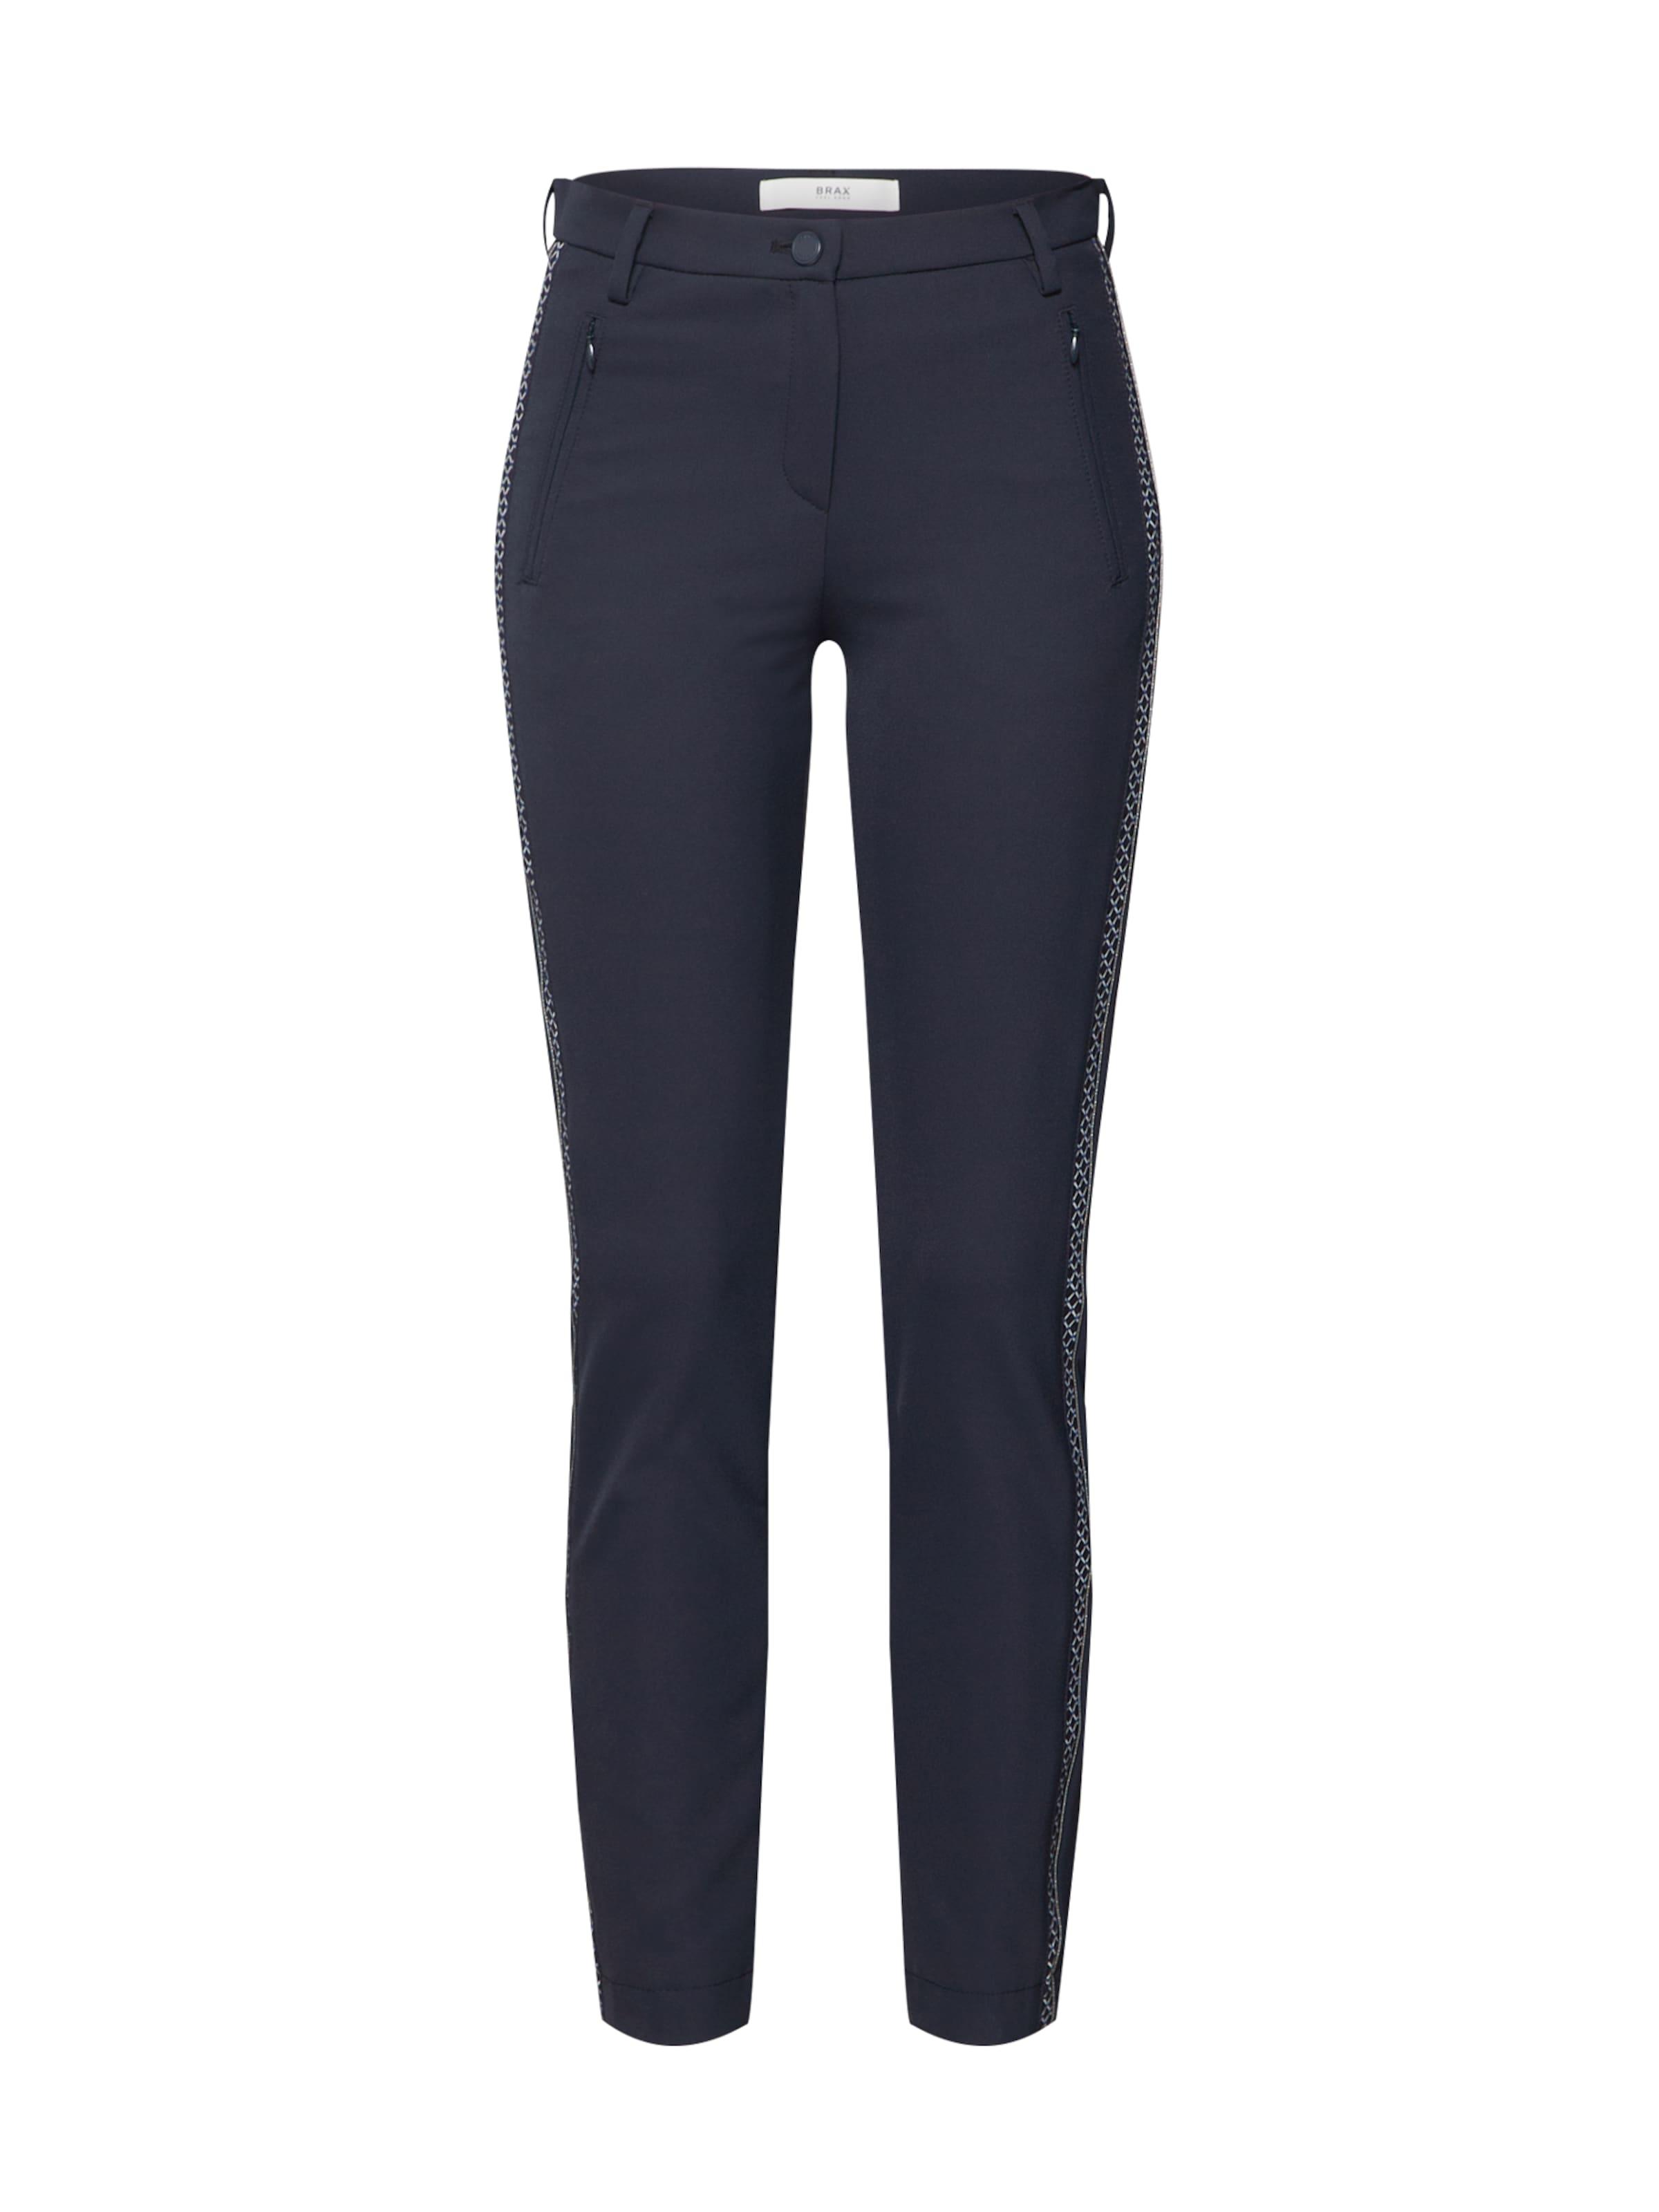 'mills' MarineBlanc Bleu Brax En Pantalon fy76gYb